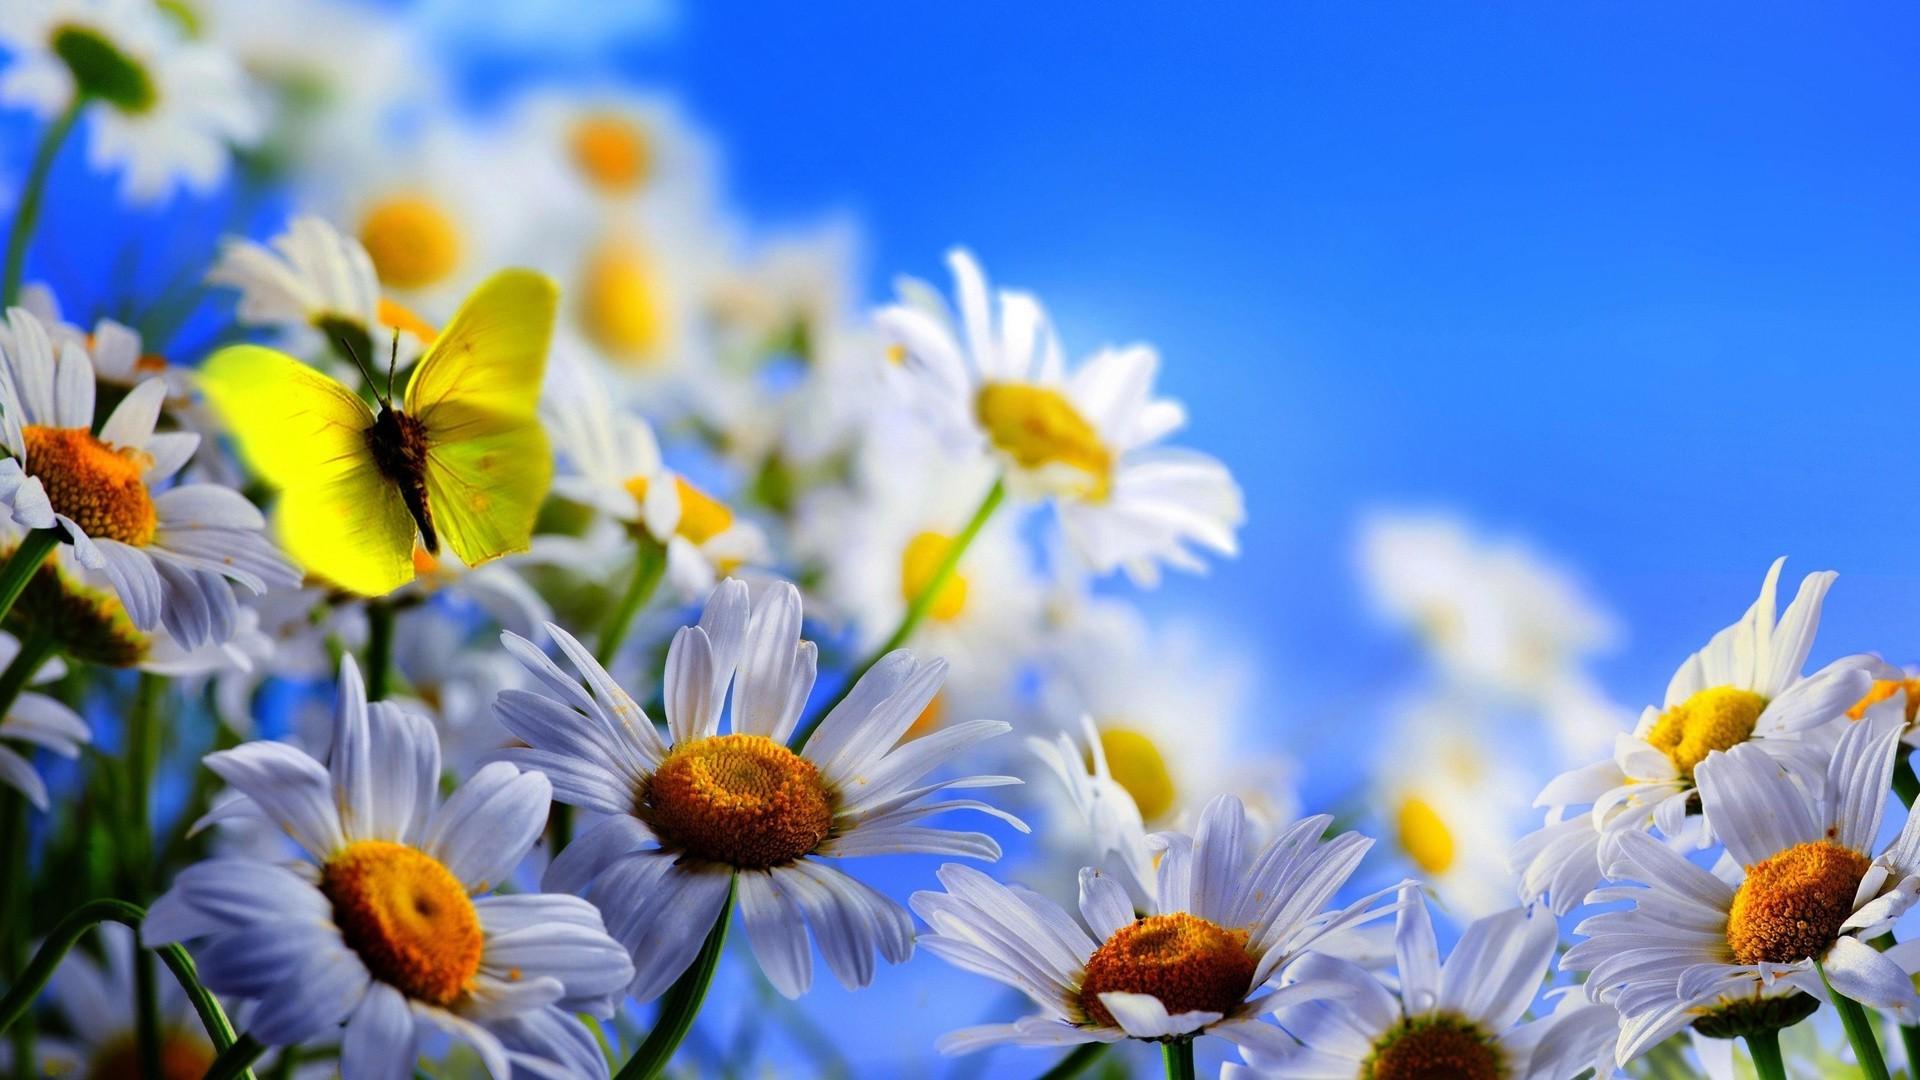 праздник день рождения цветы ромашки holiday day birth flowers chamomile на телефон